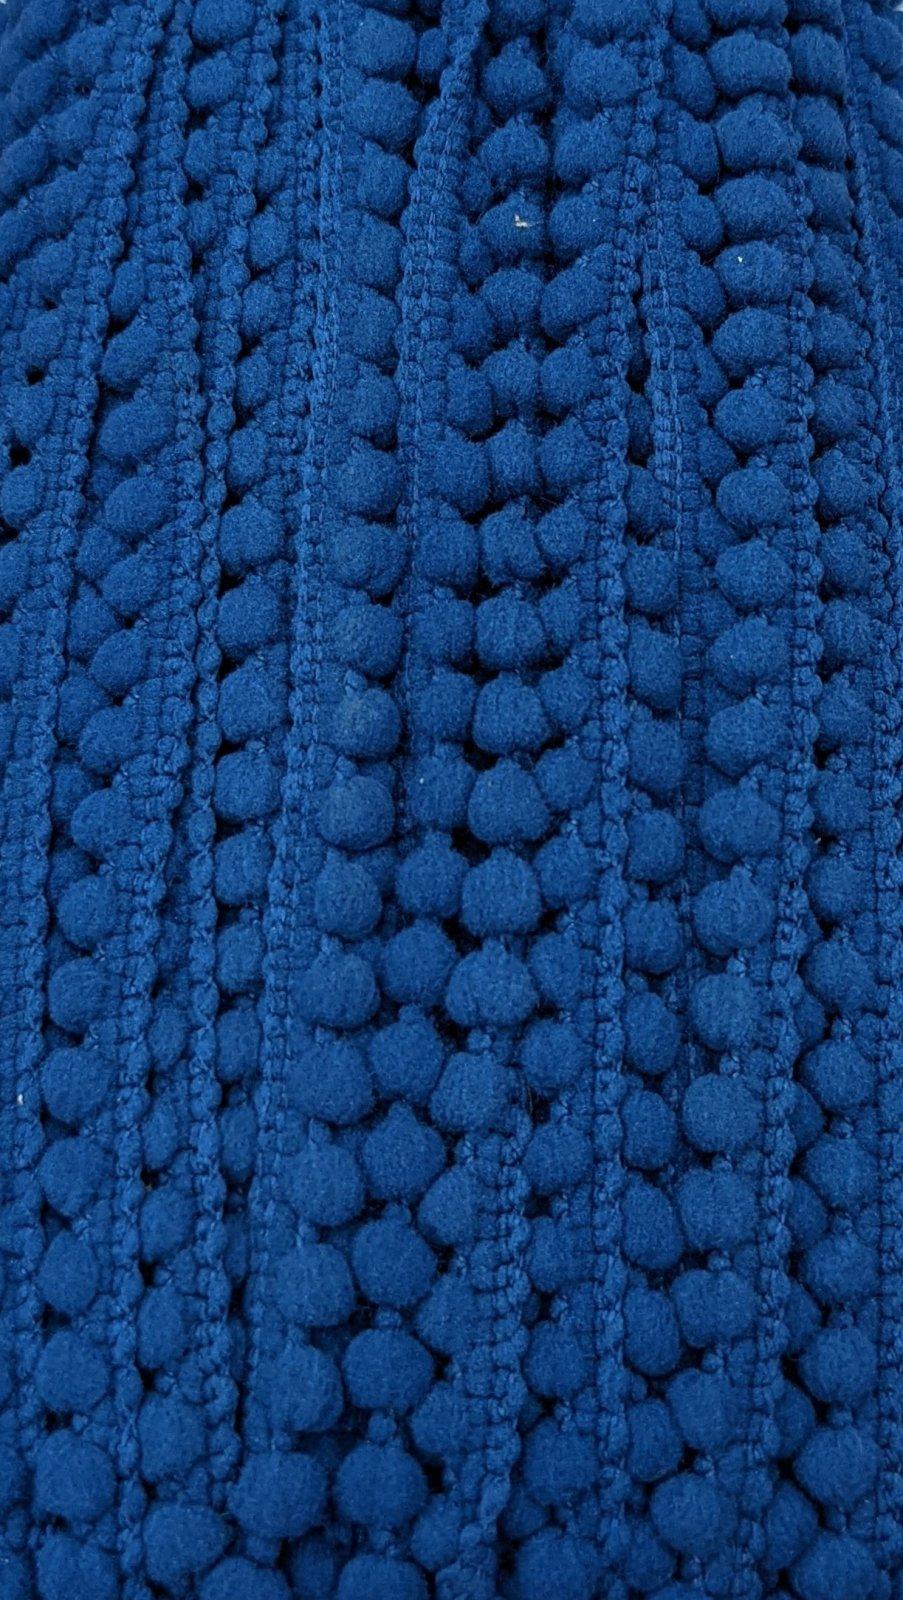 Mini Pom Pom Trim 3/8 -  Denim Blue